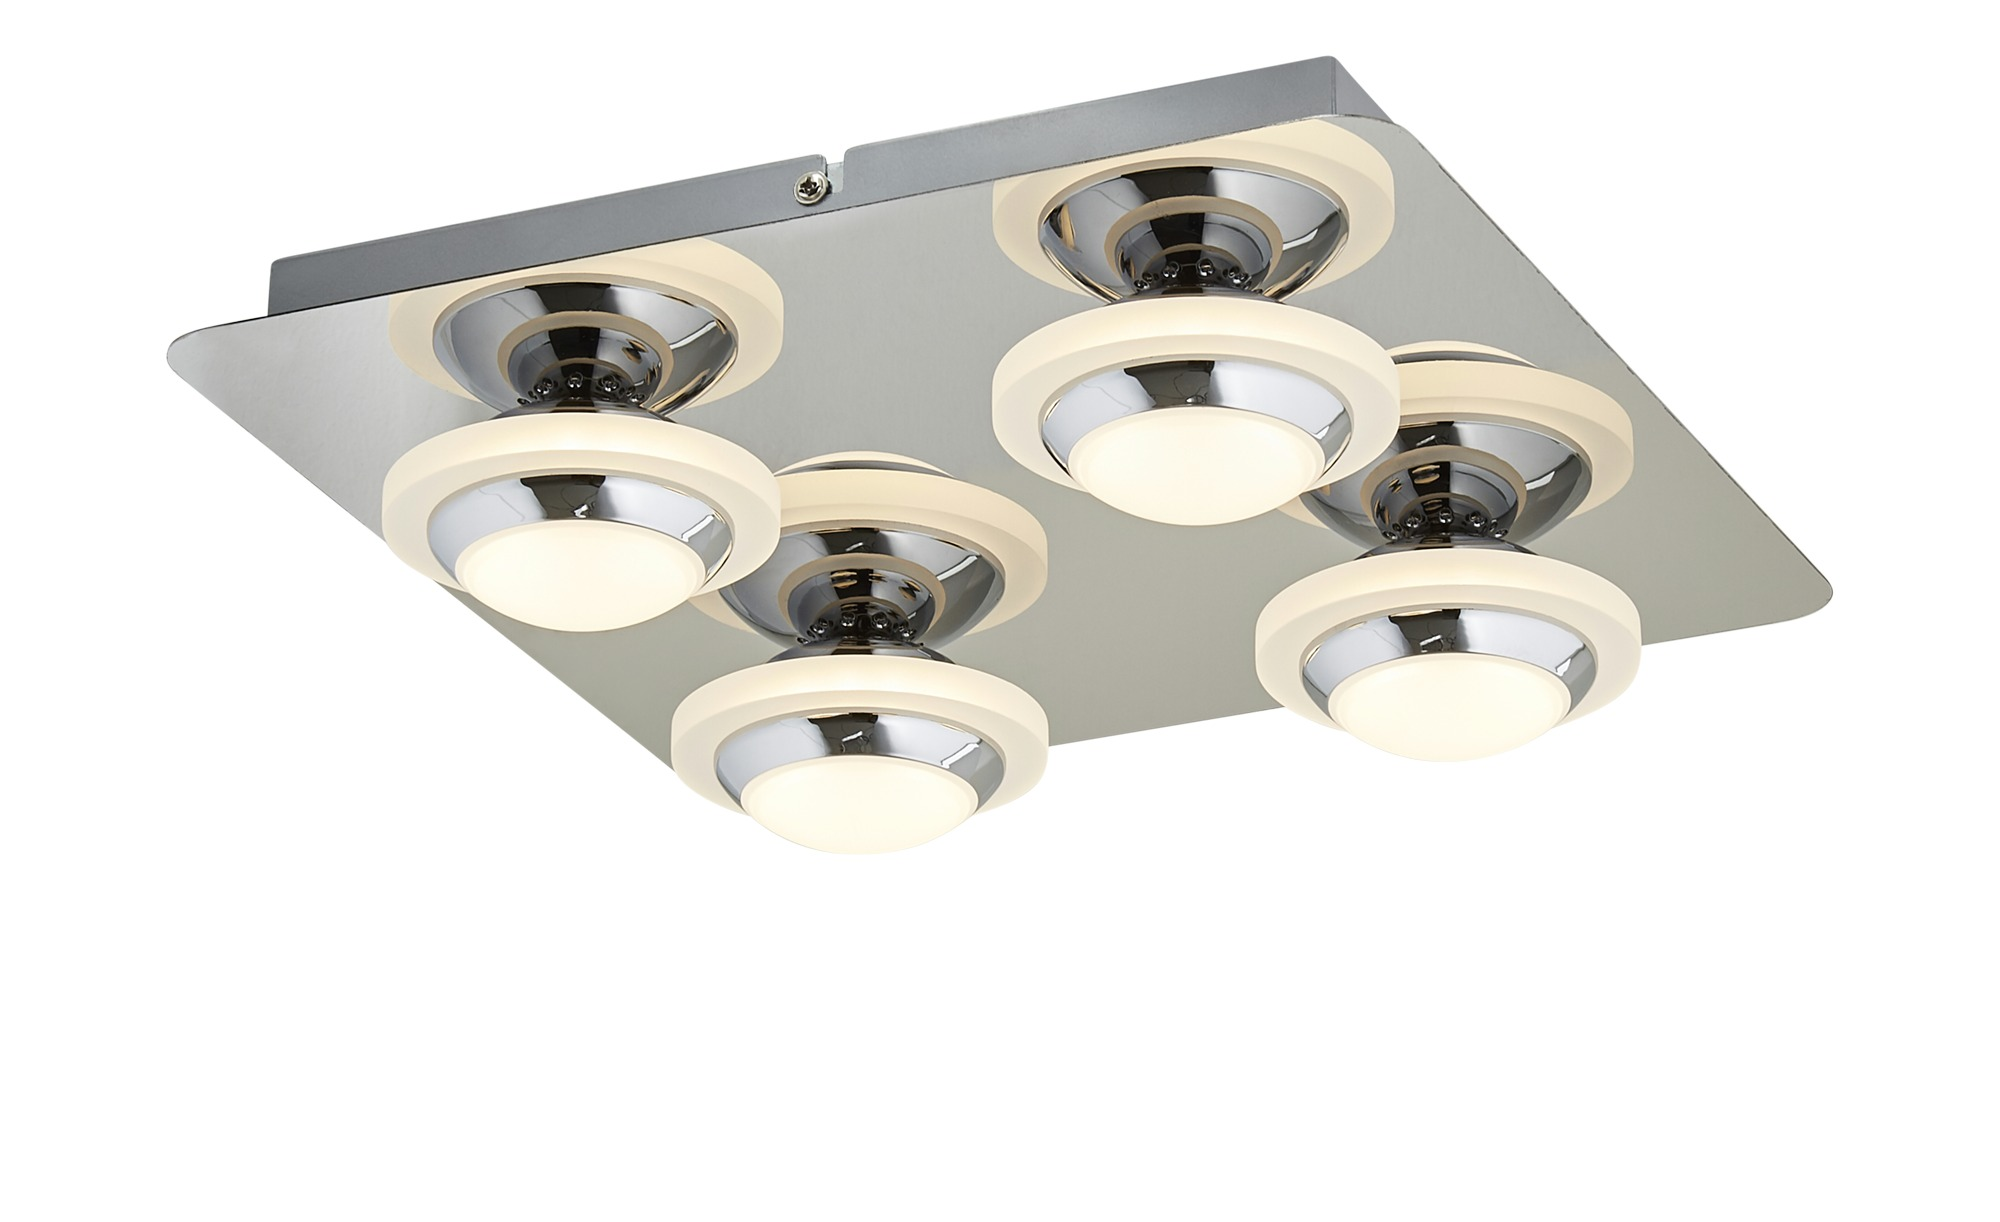 KHG LED-Deckenleuchte, 4-flammig, Chrom ¦ silber ¦ Maße (cm): B: 30 H: 7,5 Lampen & Leuchten > Innenleuchten > Deckenleuchten - Höffner